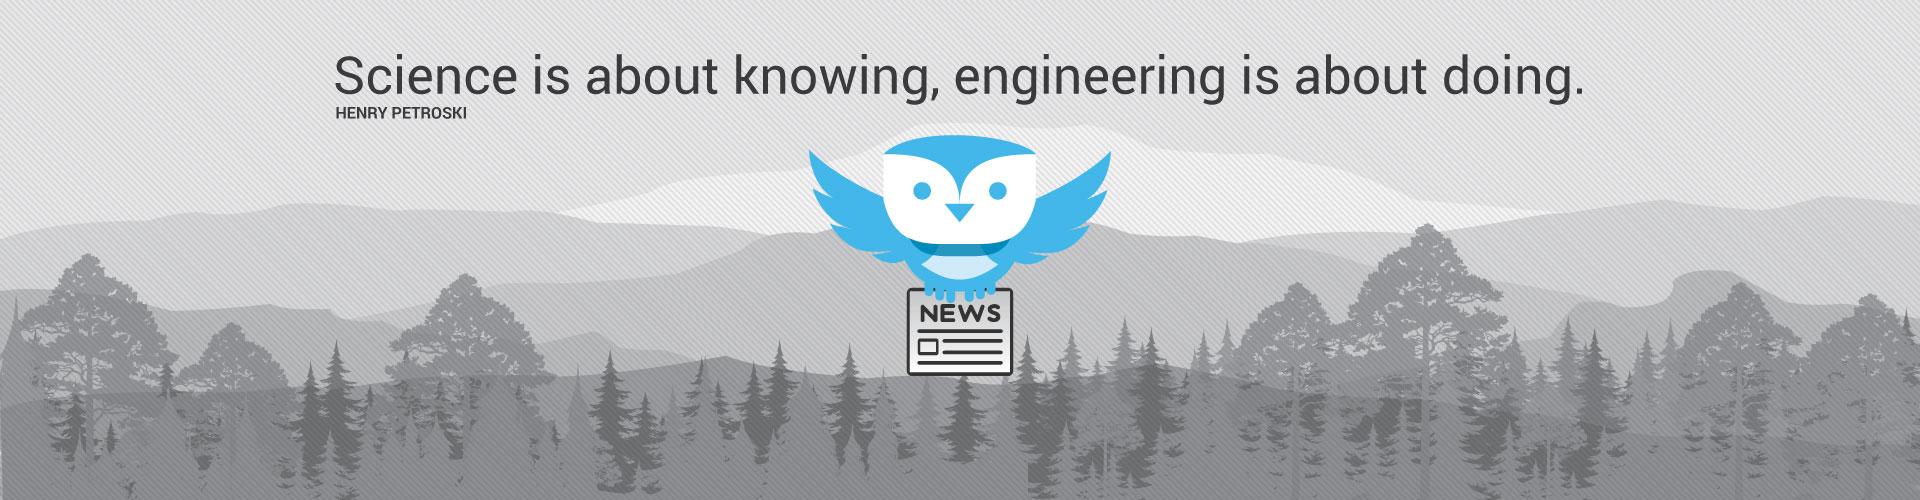 Press & Media Header Image